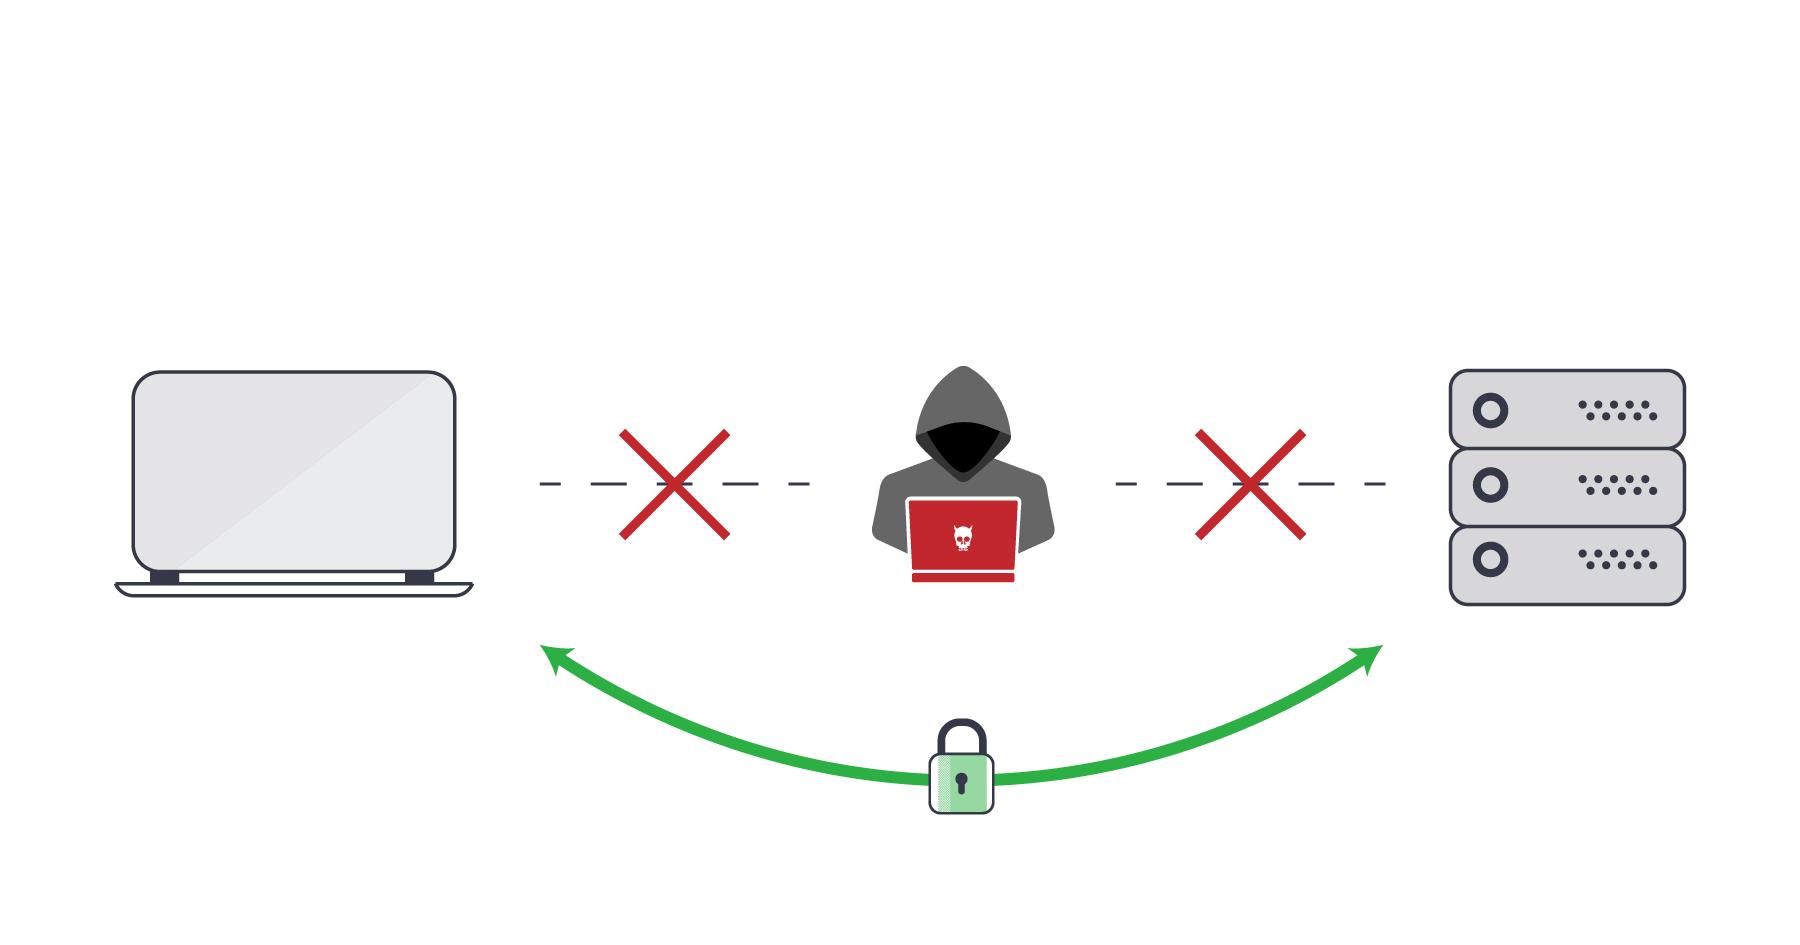 Сеть компании и MitM. Часть 2 - 1